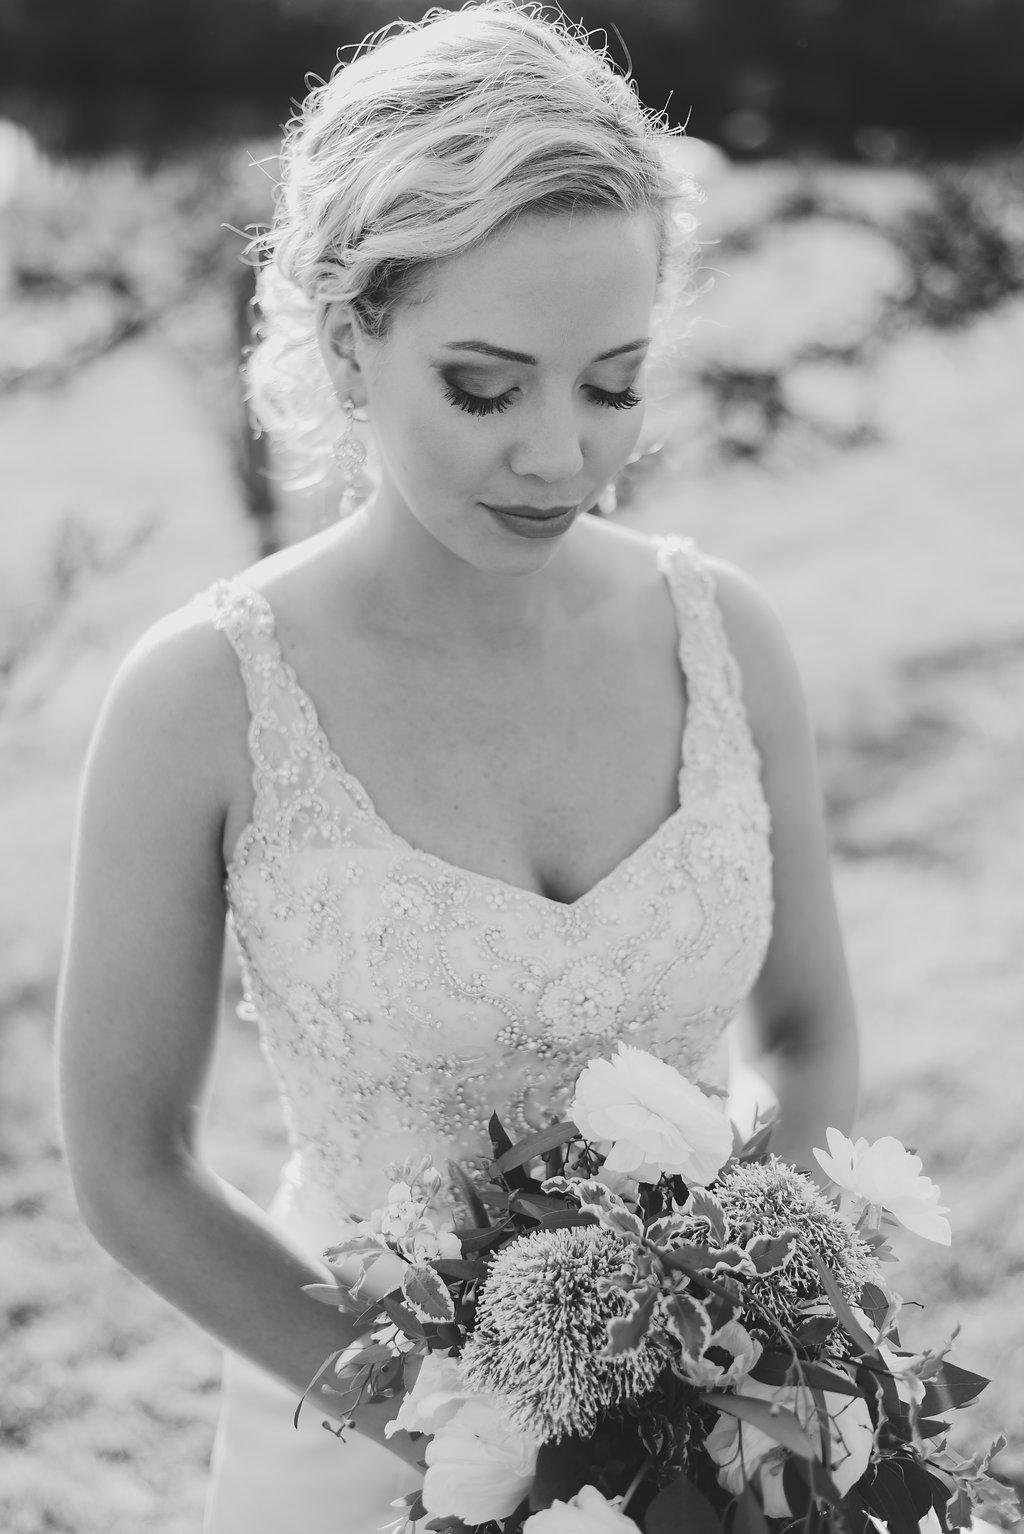 Hallie_bridals-47.jpg